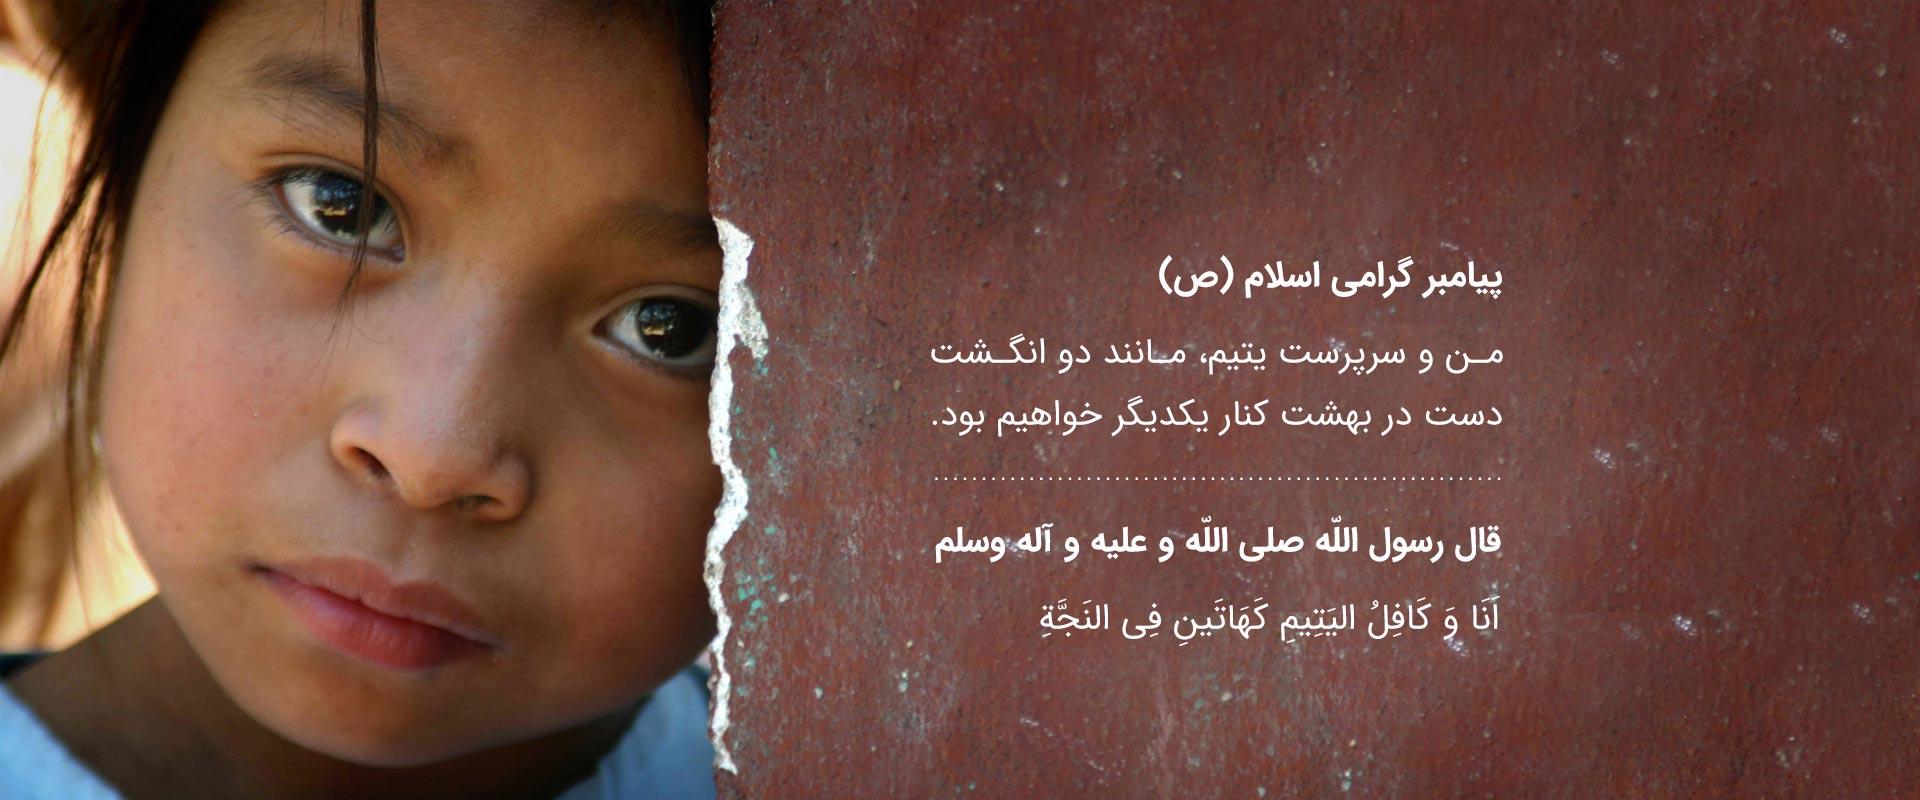 انجمن مددکاری امام زمان عج